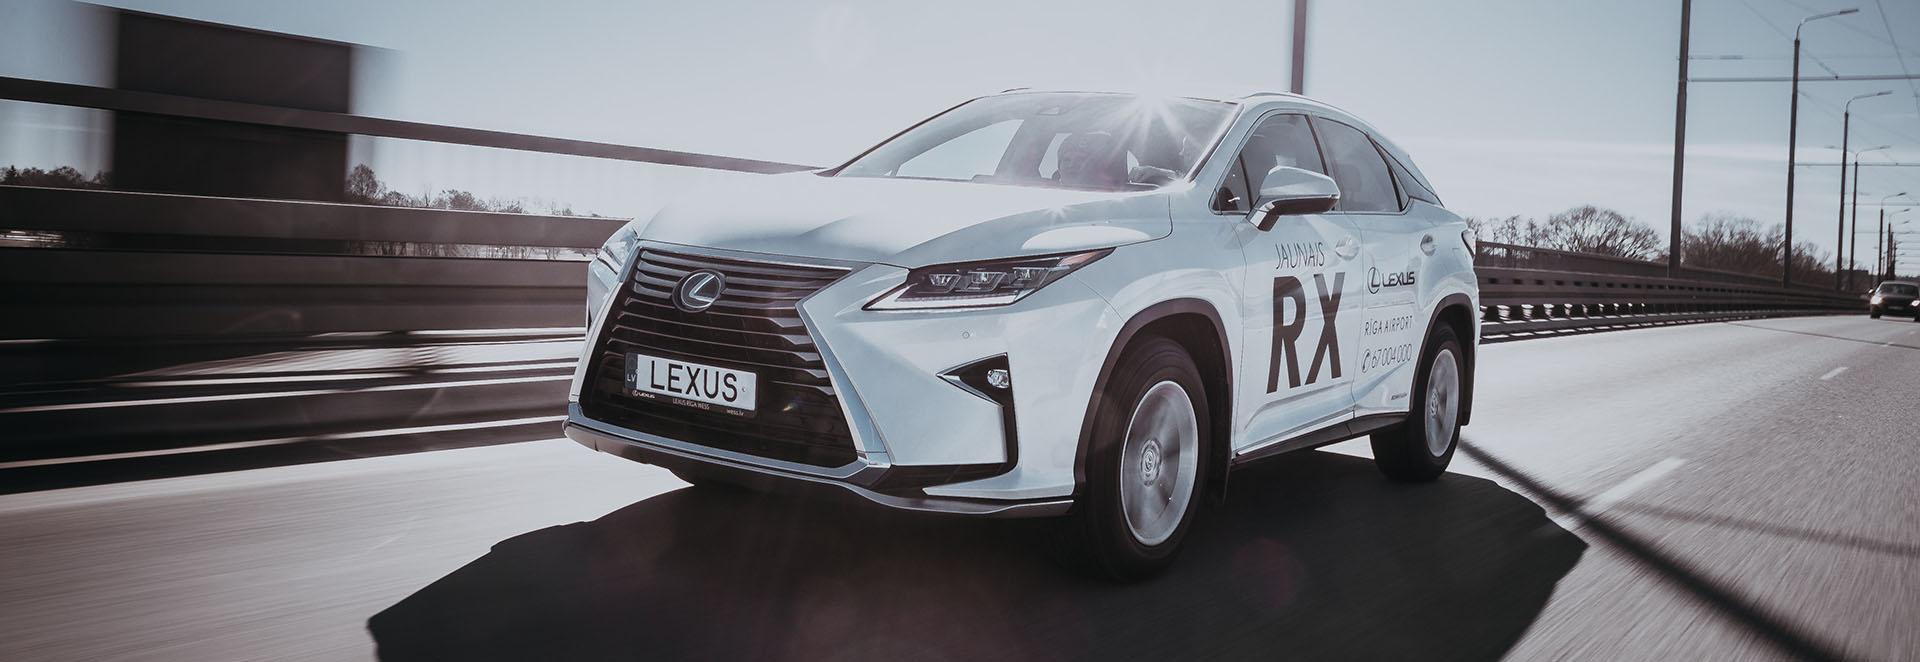 Lexus Gebrauchtwagen bestellen